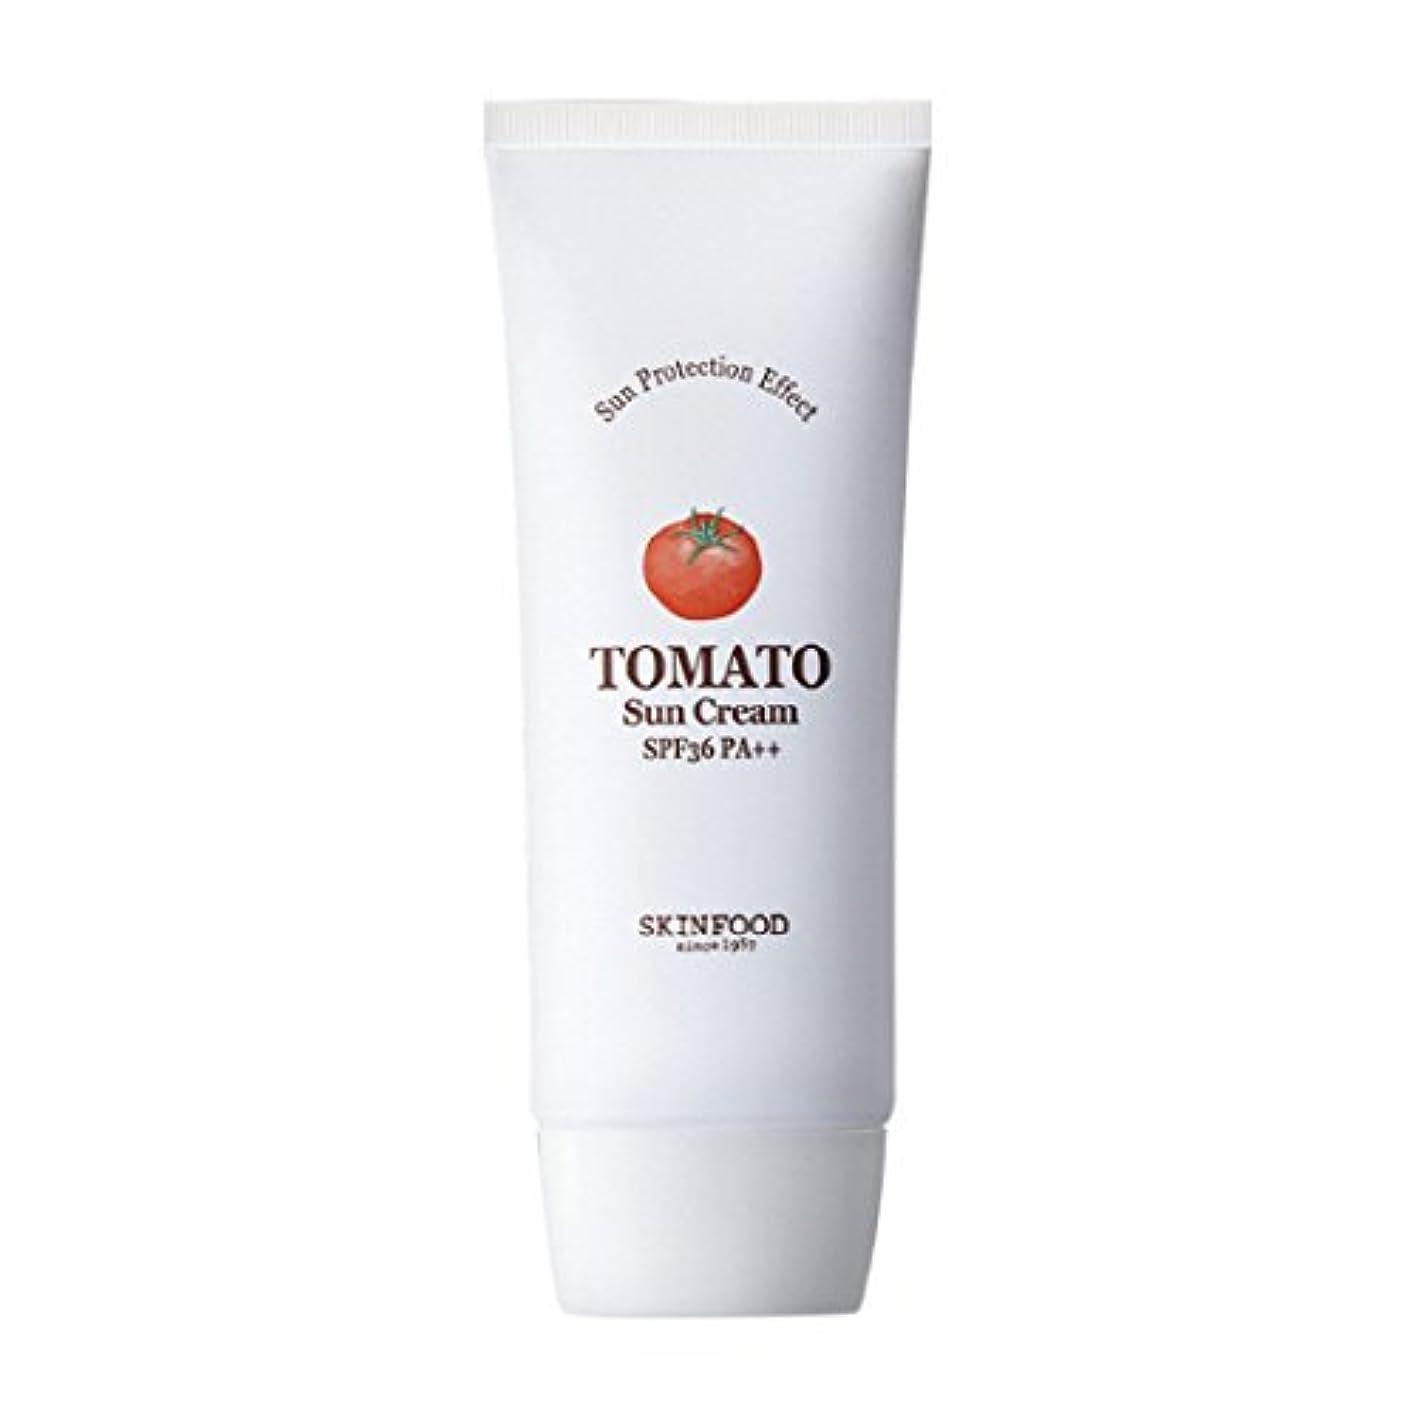 描く製造業科学的Skinfood トマトサンクリームSPF 36 PA ++(UVプロテクション) / Tomato Sun Cream SPF 36 PA++ (UV Protection) 50ml [並行輸入品]